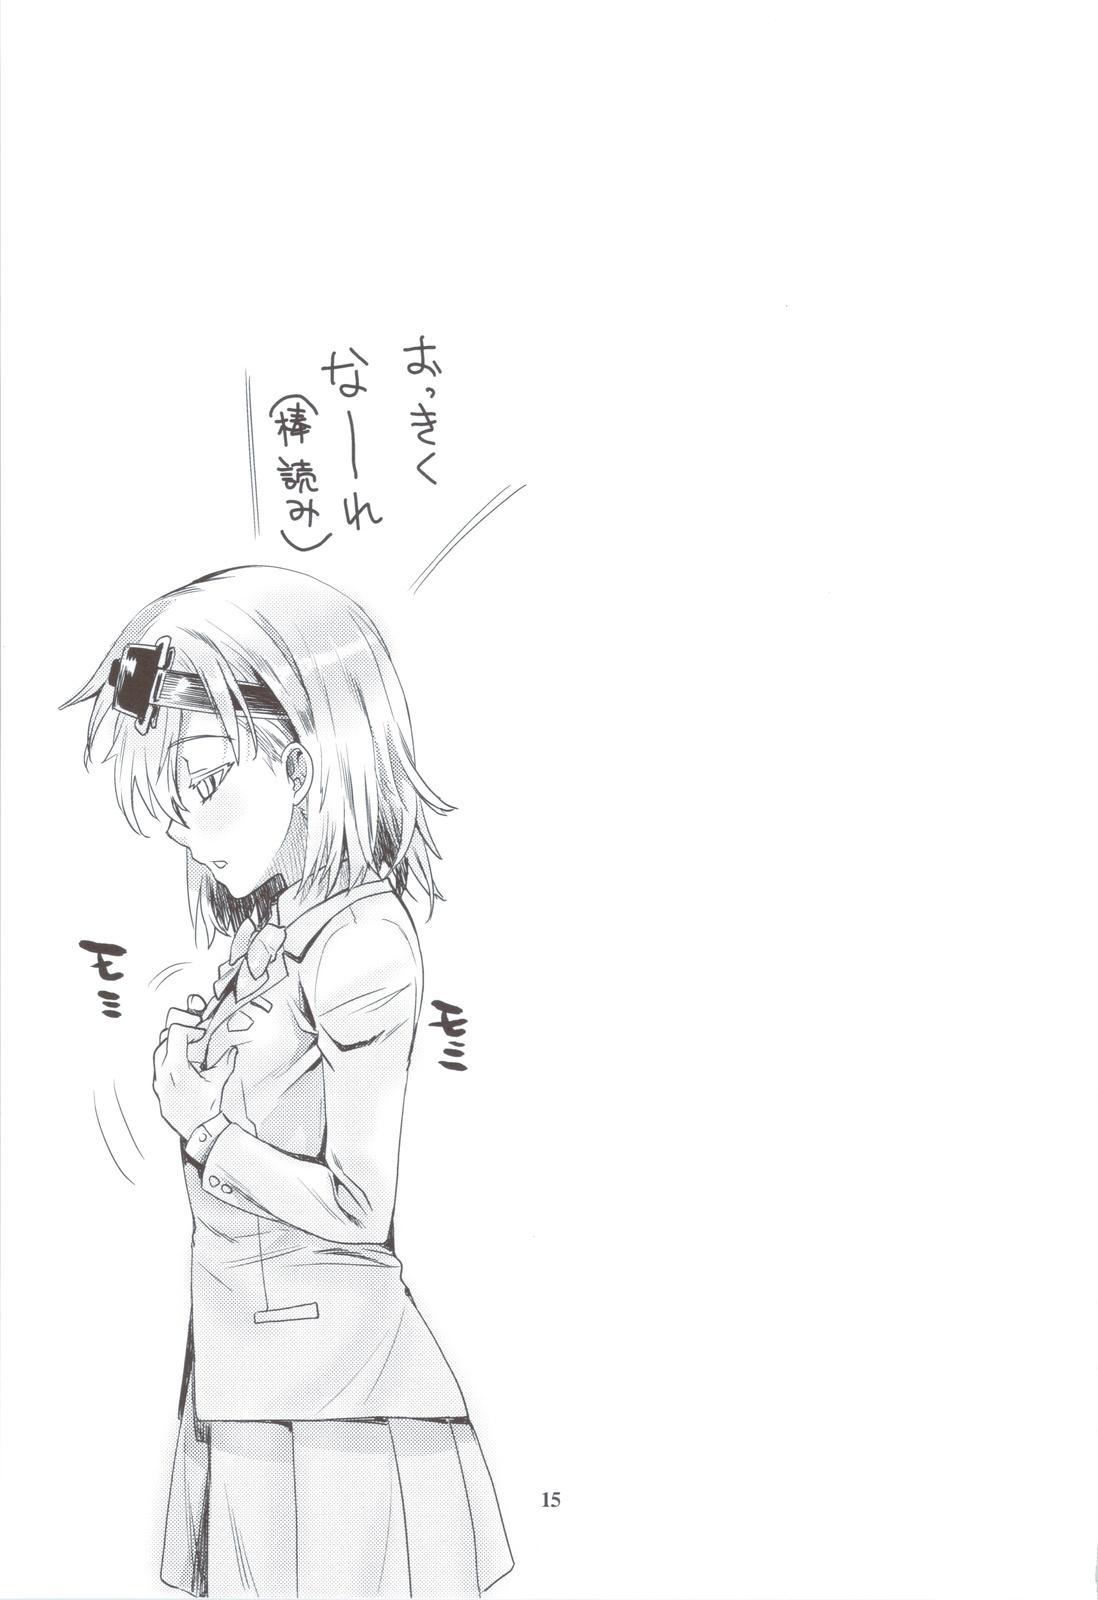 (C83) [Penpengusa Club (Katase Minami)] Toaru Kagaku no Judgement 6 - Onee-sama Search Eye! (Toaru Majutsu no Index) 13